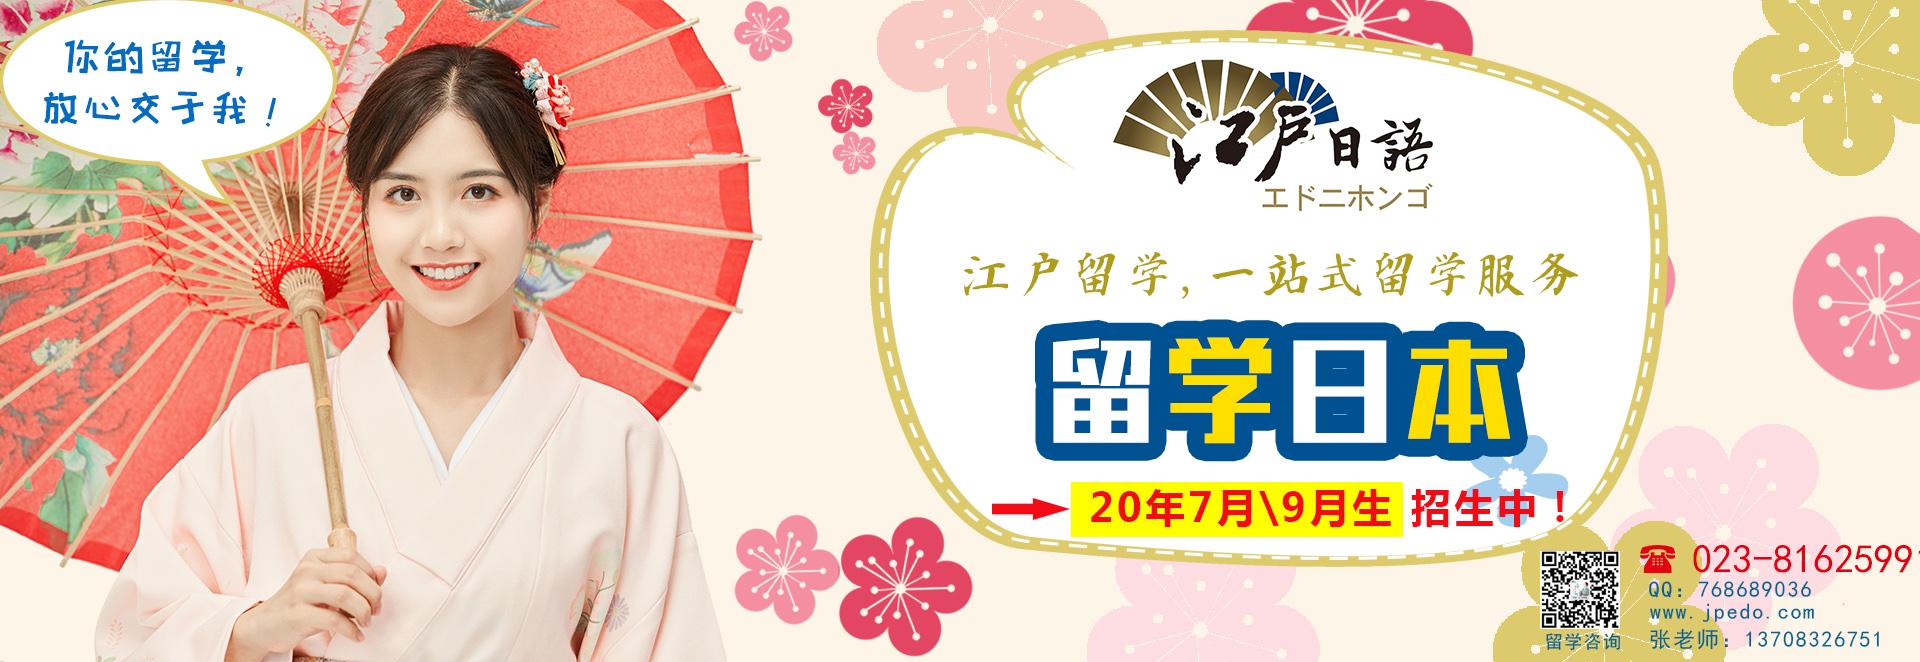 重庆日本留学,重庆日语培训,重庆日语